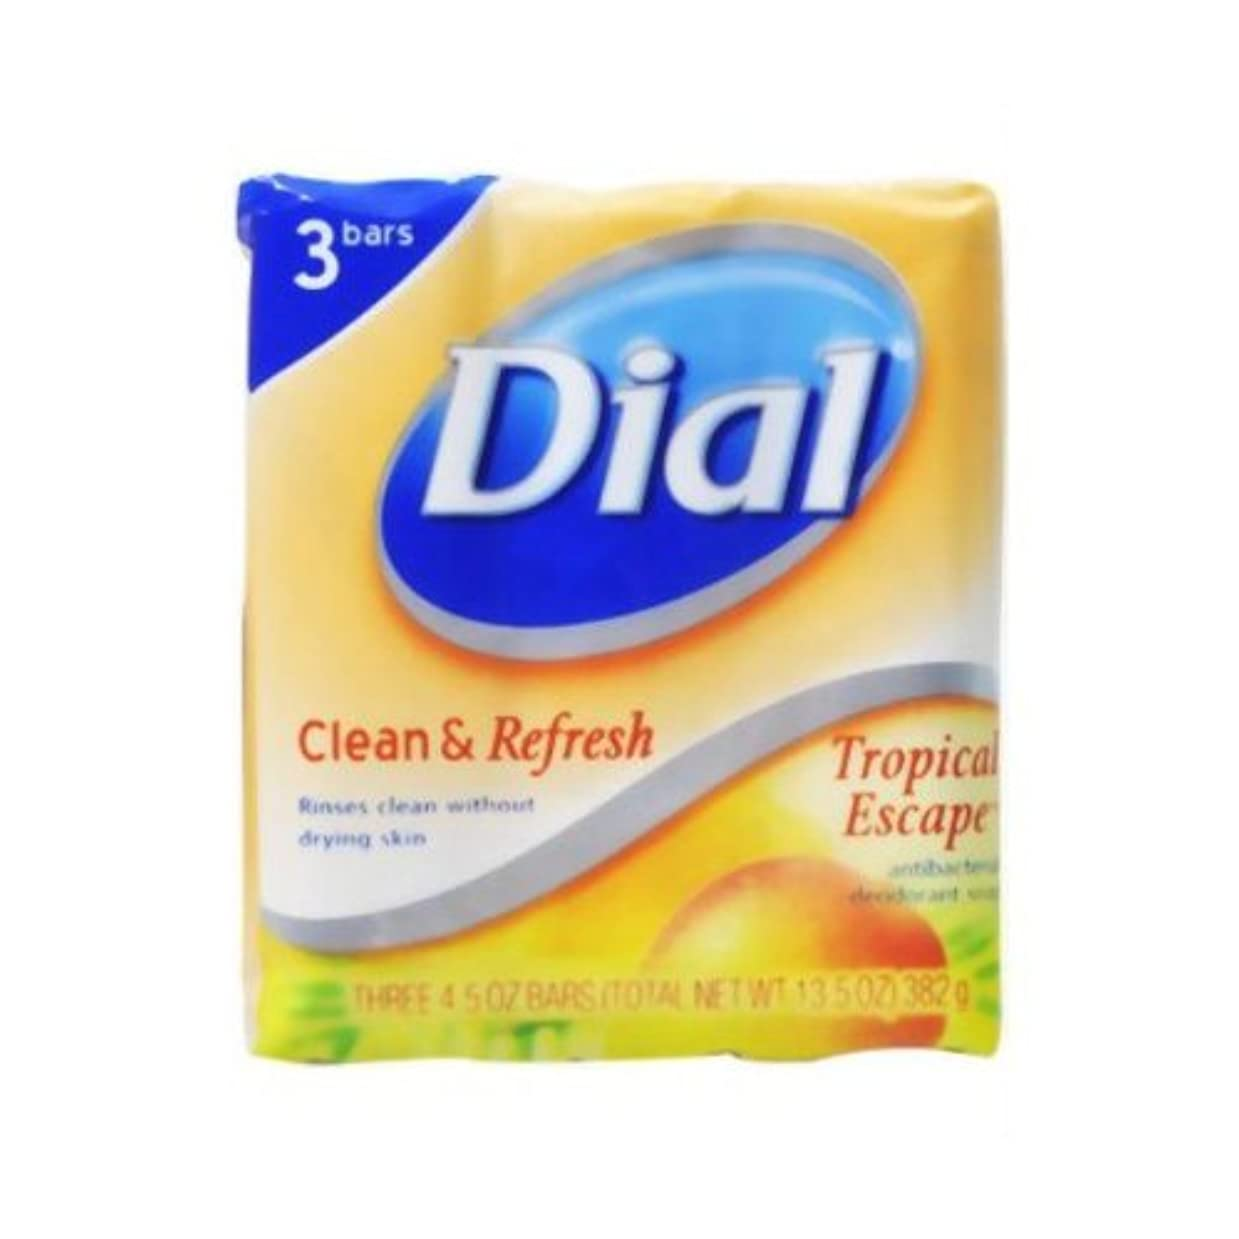 残りなす排泄物【DIAL】ダイアル デオドラント石鹸 トロピカルエスケープ 3個パック